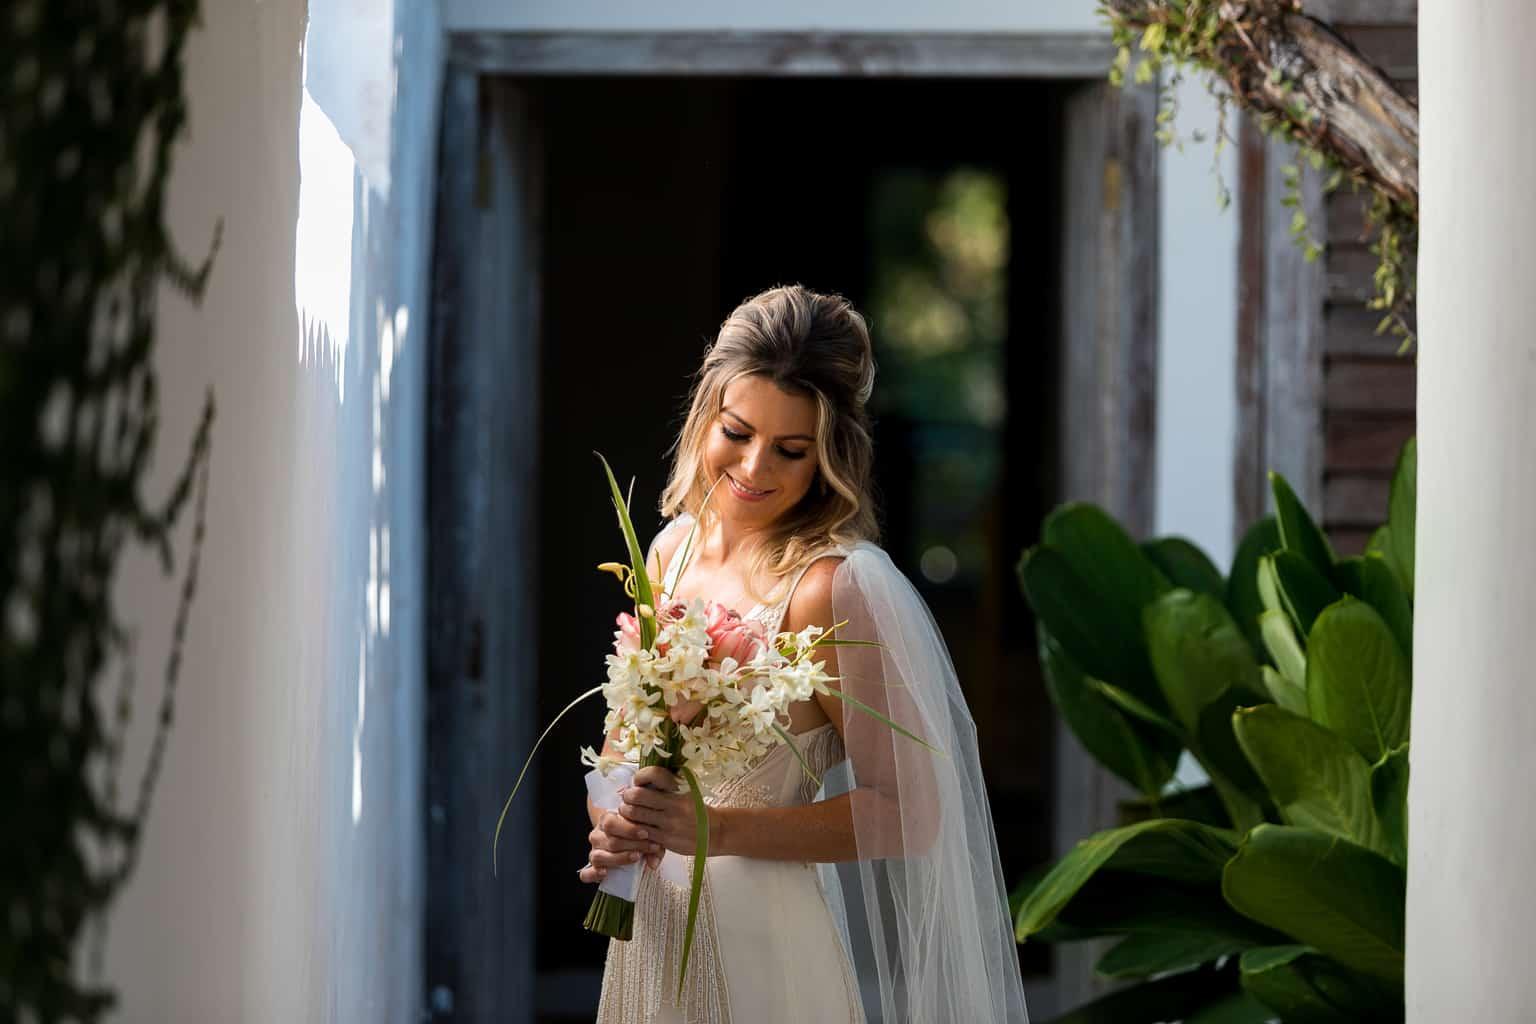 Casamento-Victoria-e-Christian-Fotografia-Tiago-Saldanha156_MG_0550